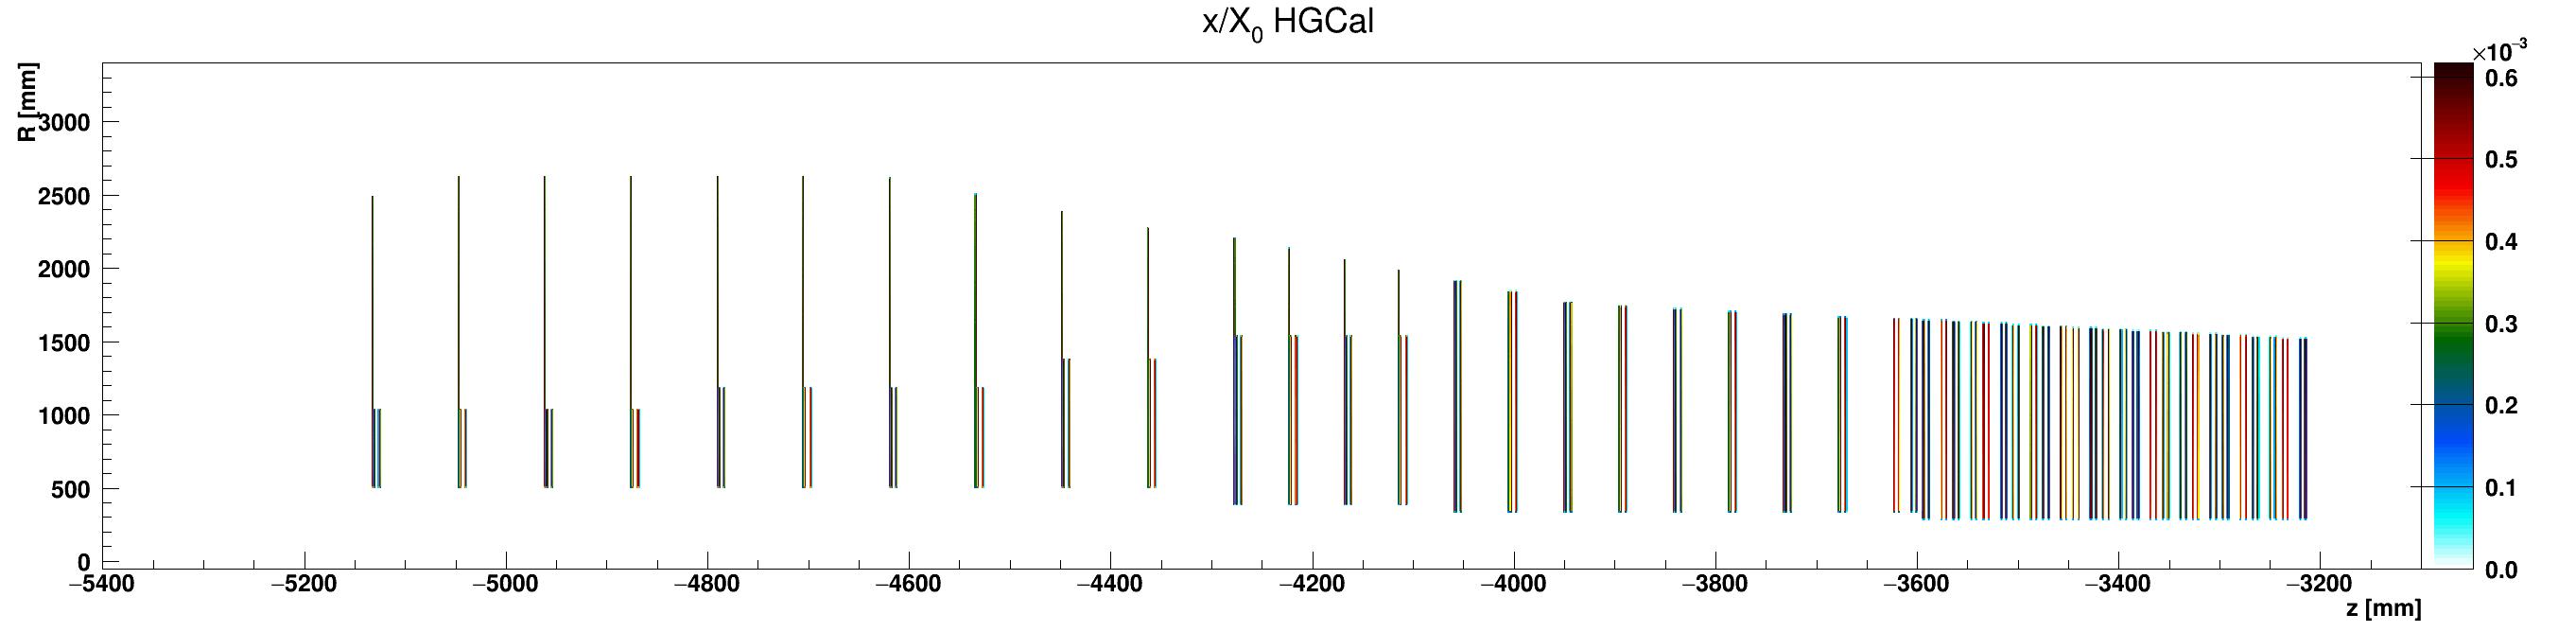 HGCal_x_vs_z_vs_RlocHGC_G10-FR4_ZminusZoom.png